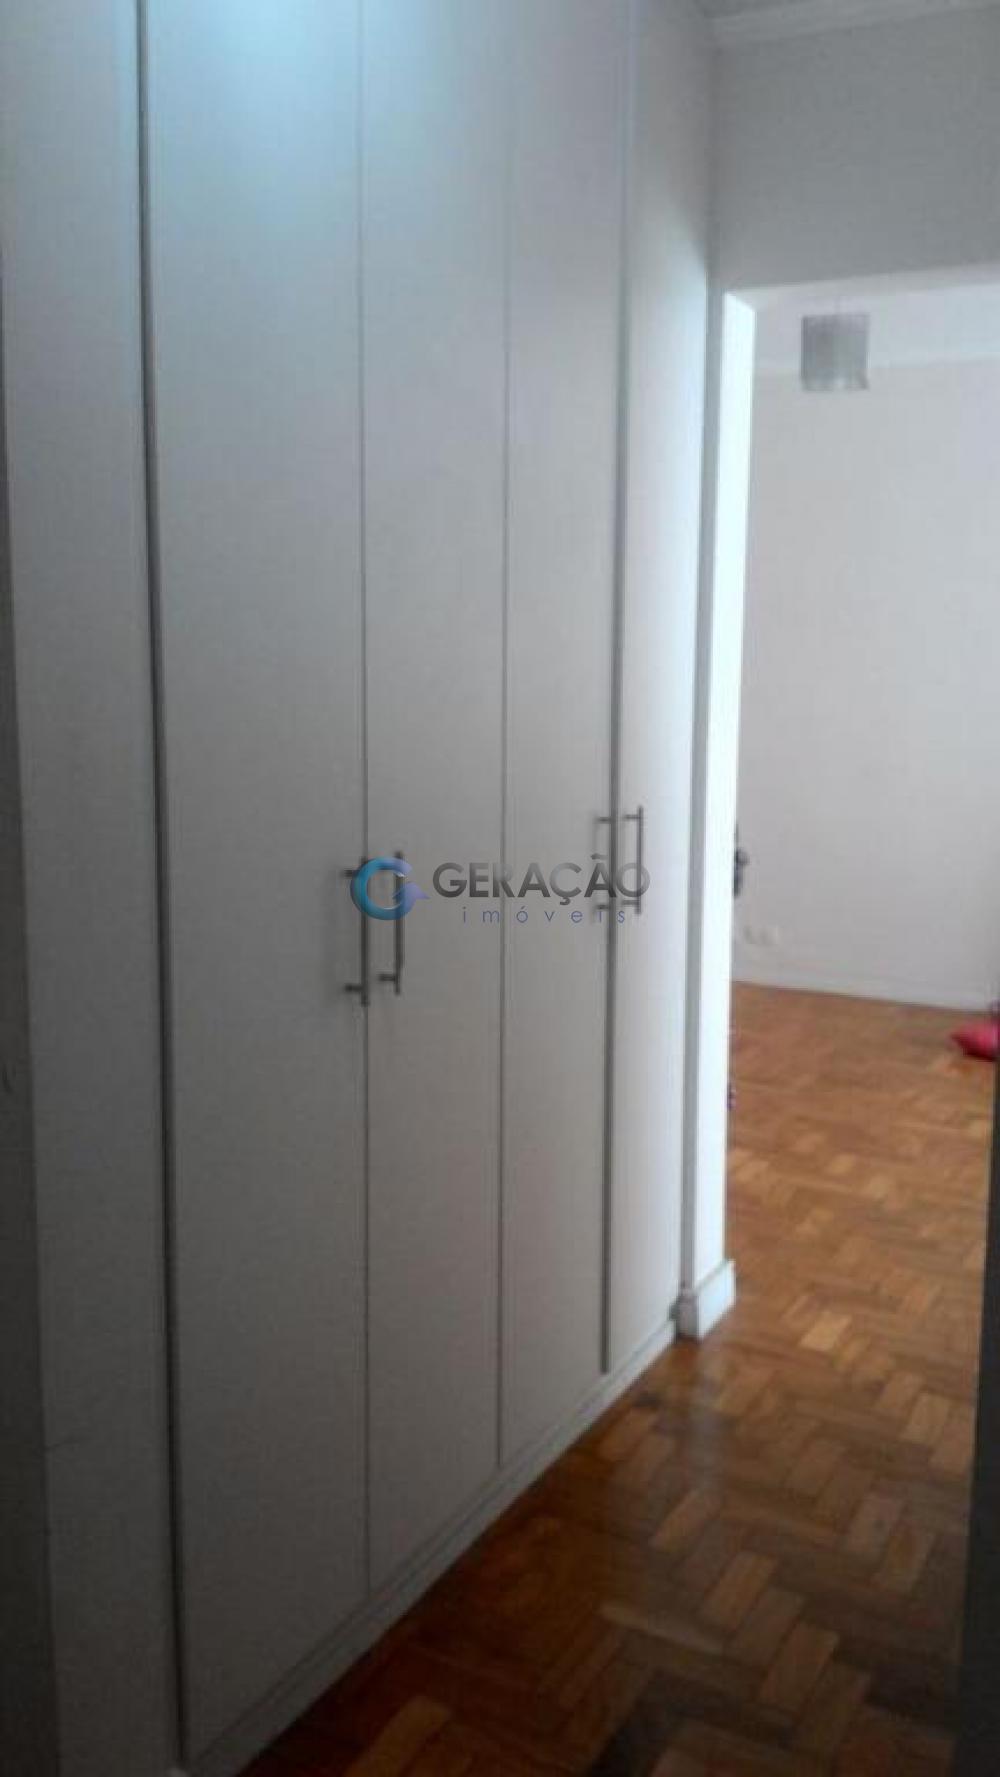 Comprar Apartamento / Padrão em São José dos Campos apenas R$ 500.000,00 - Foto 9